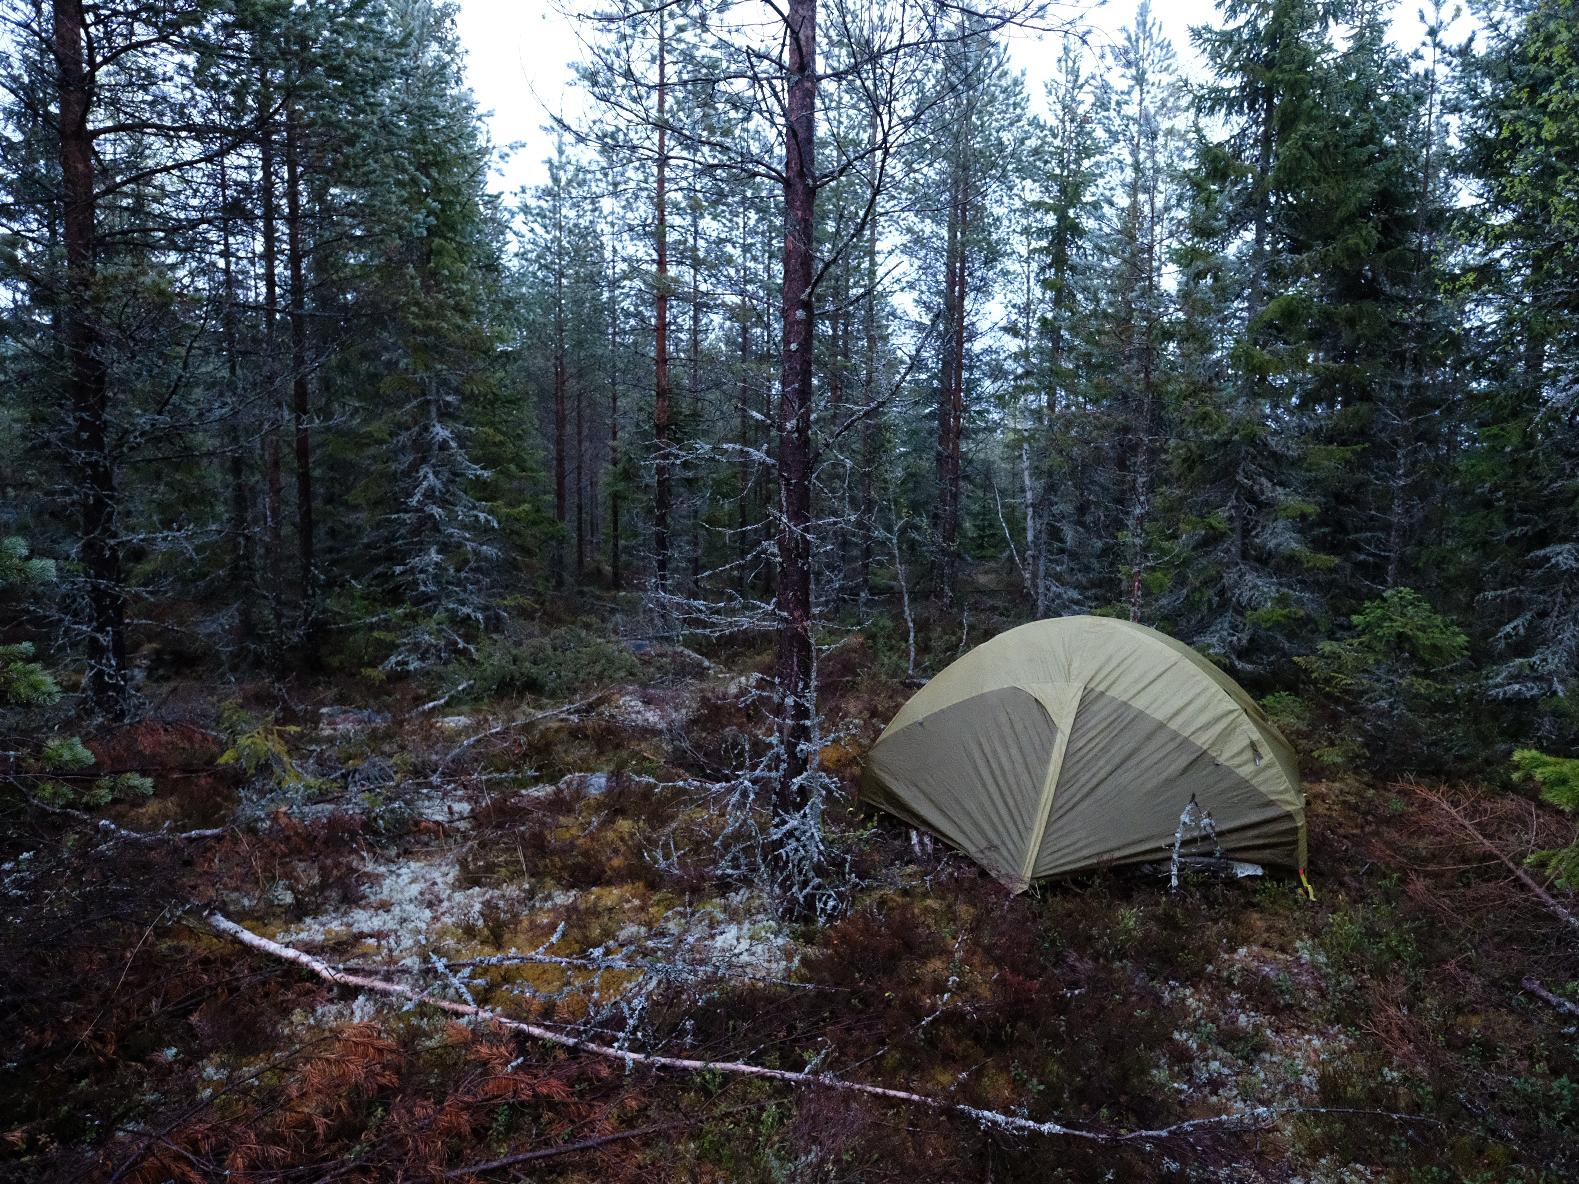 camping north of the polar circle.